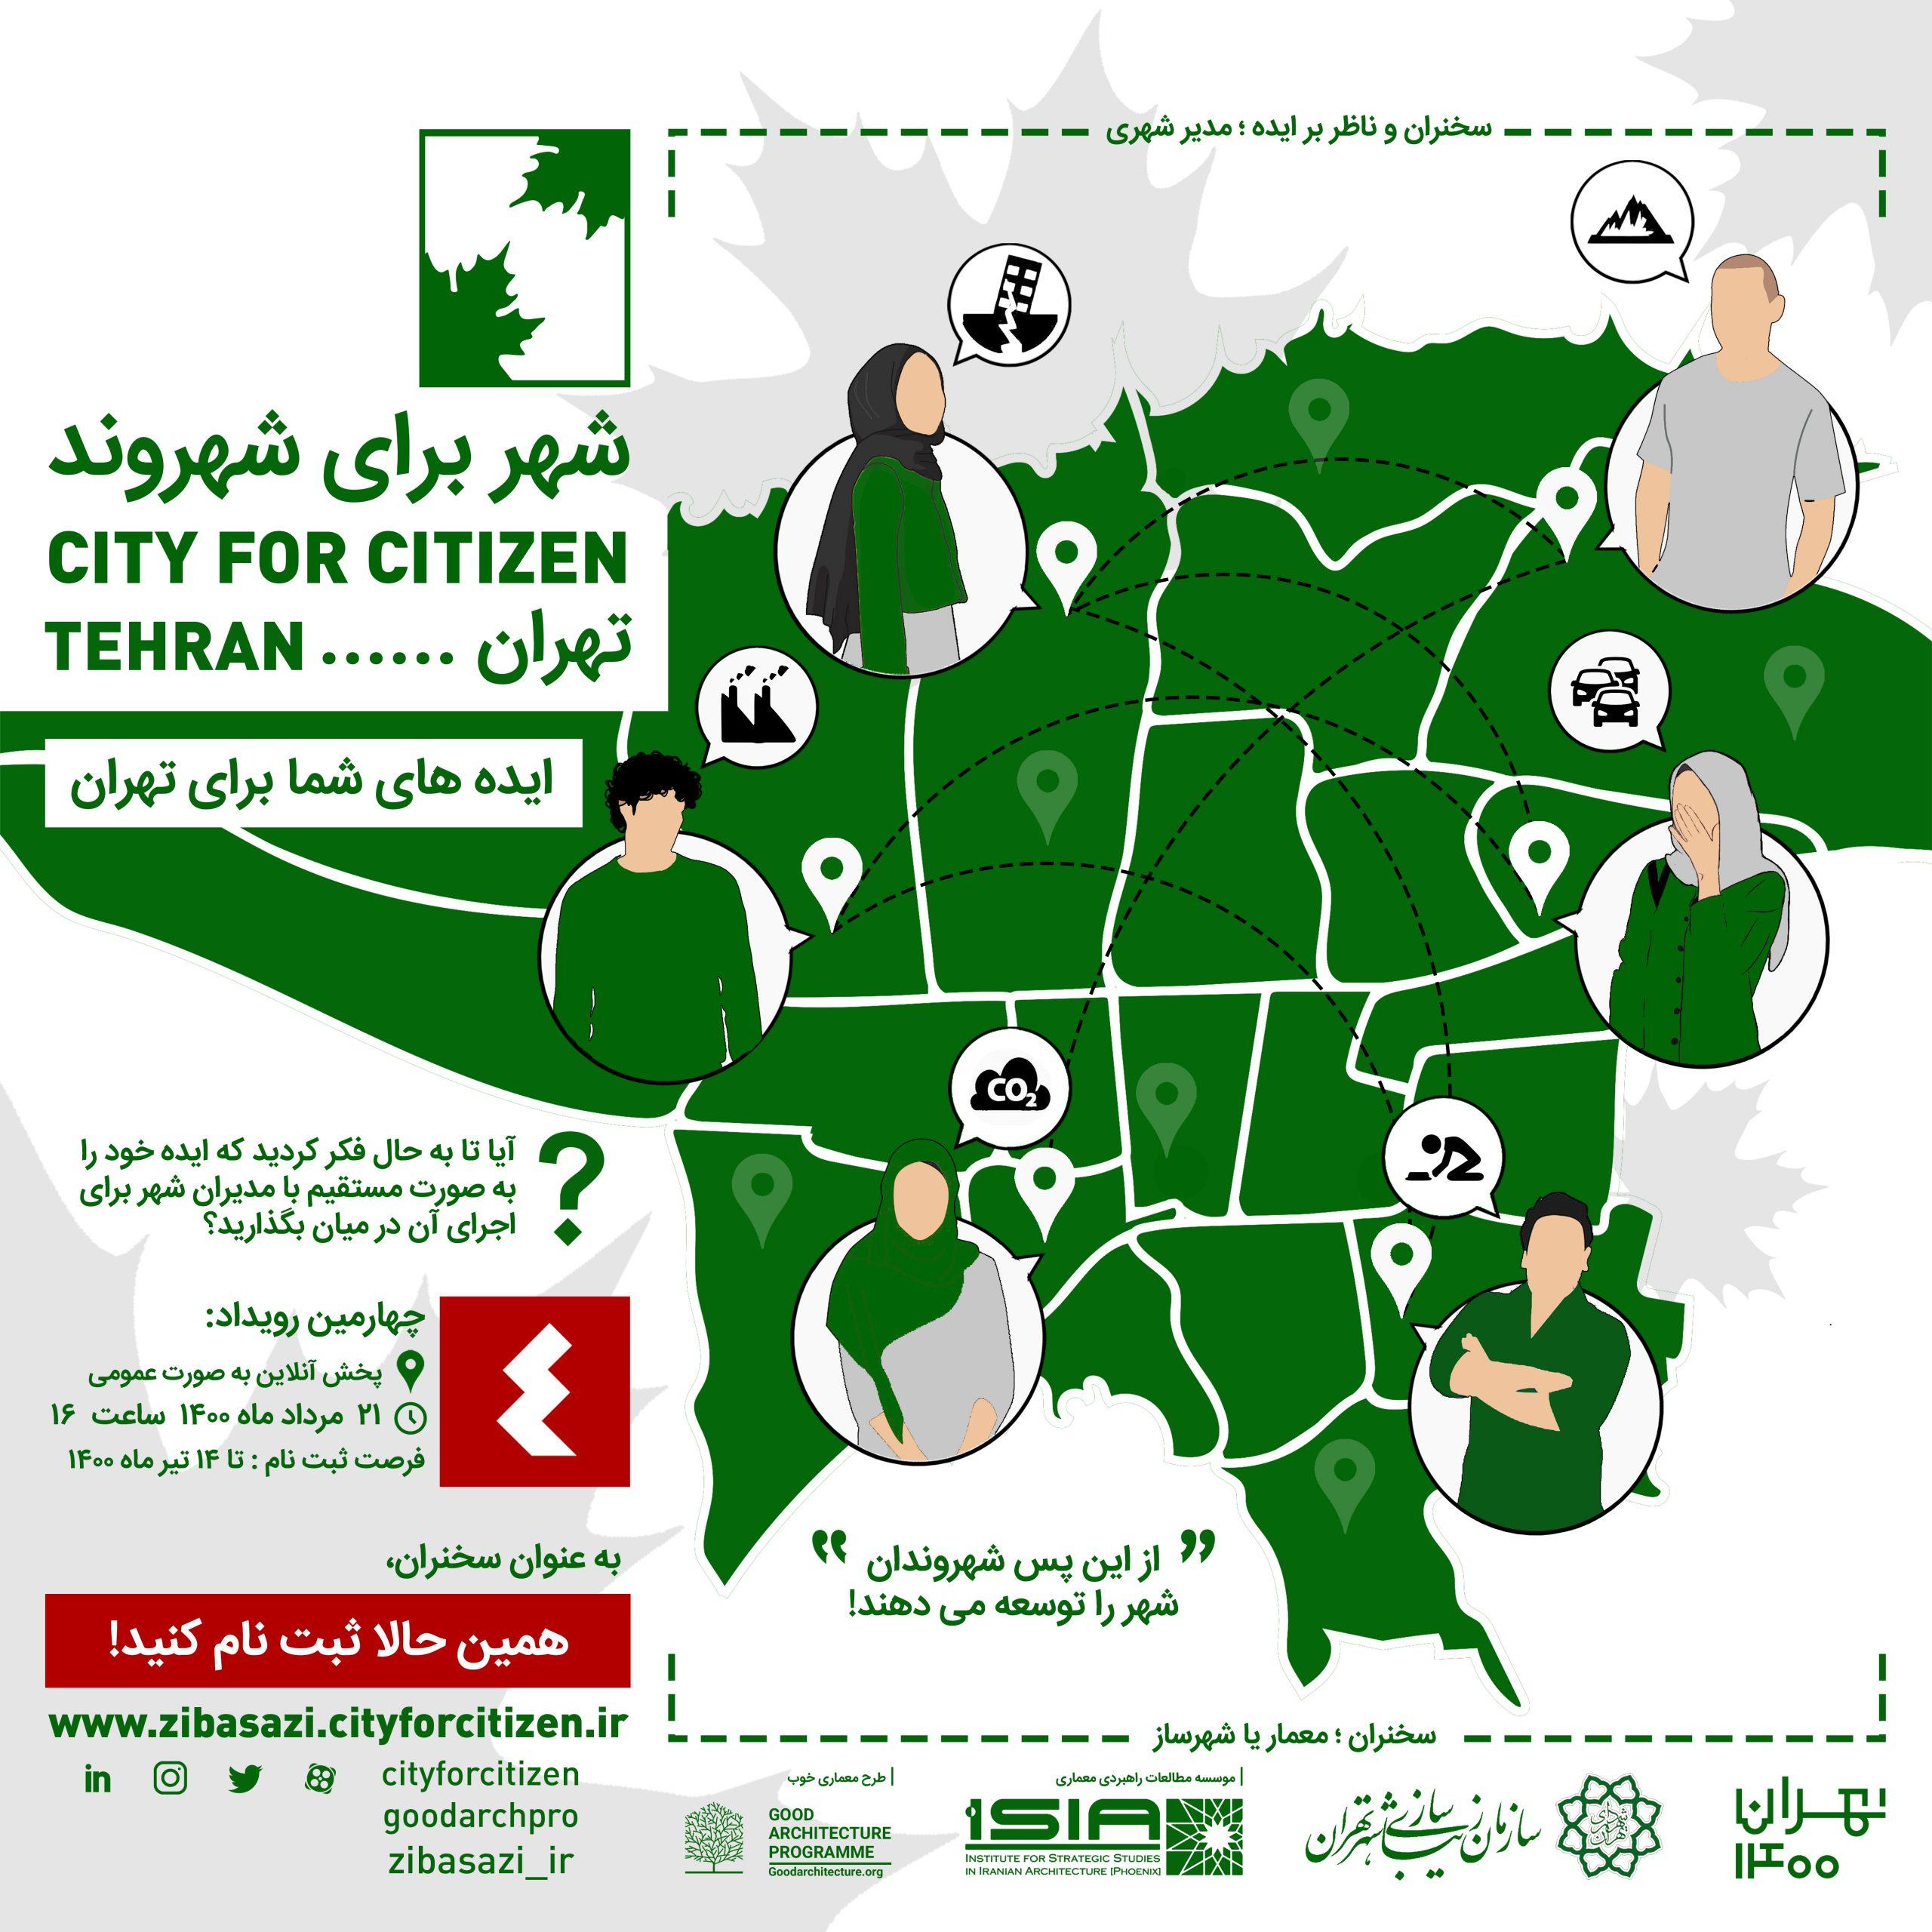 چهارمین رویداد شهر برای شهروند